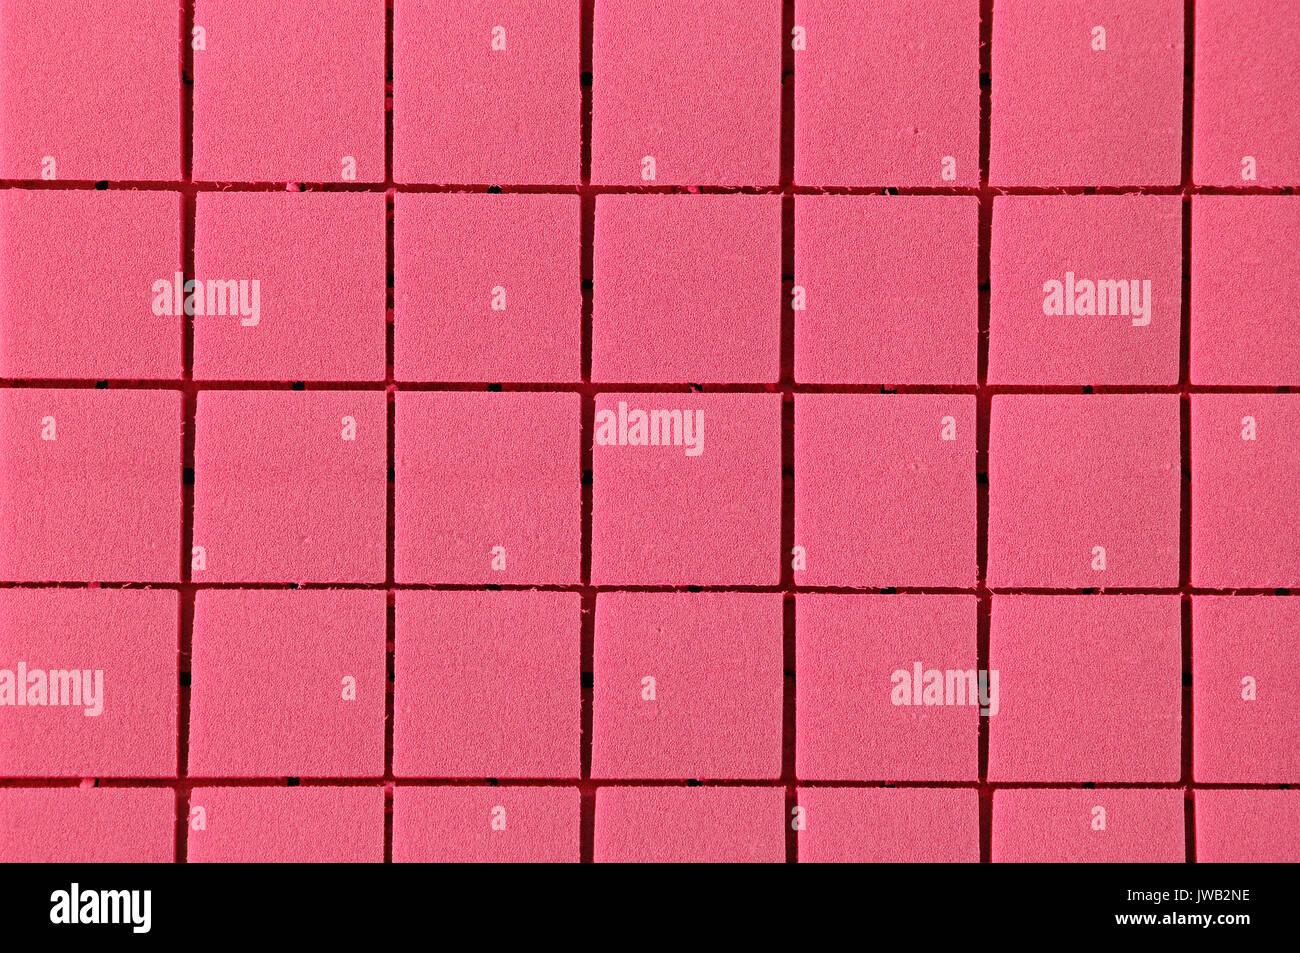 Résumé fond de mousse rose carrés dans une grille Photo Stock